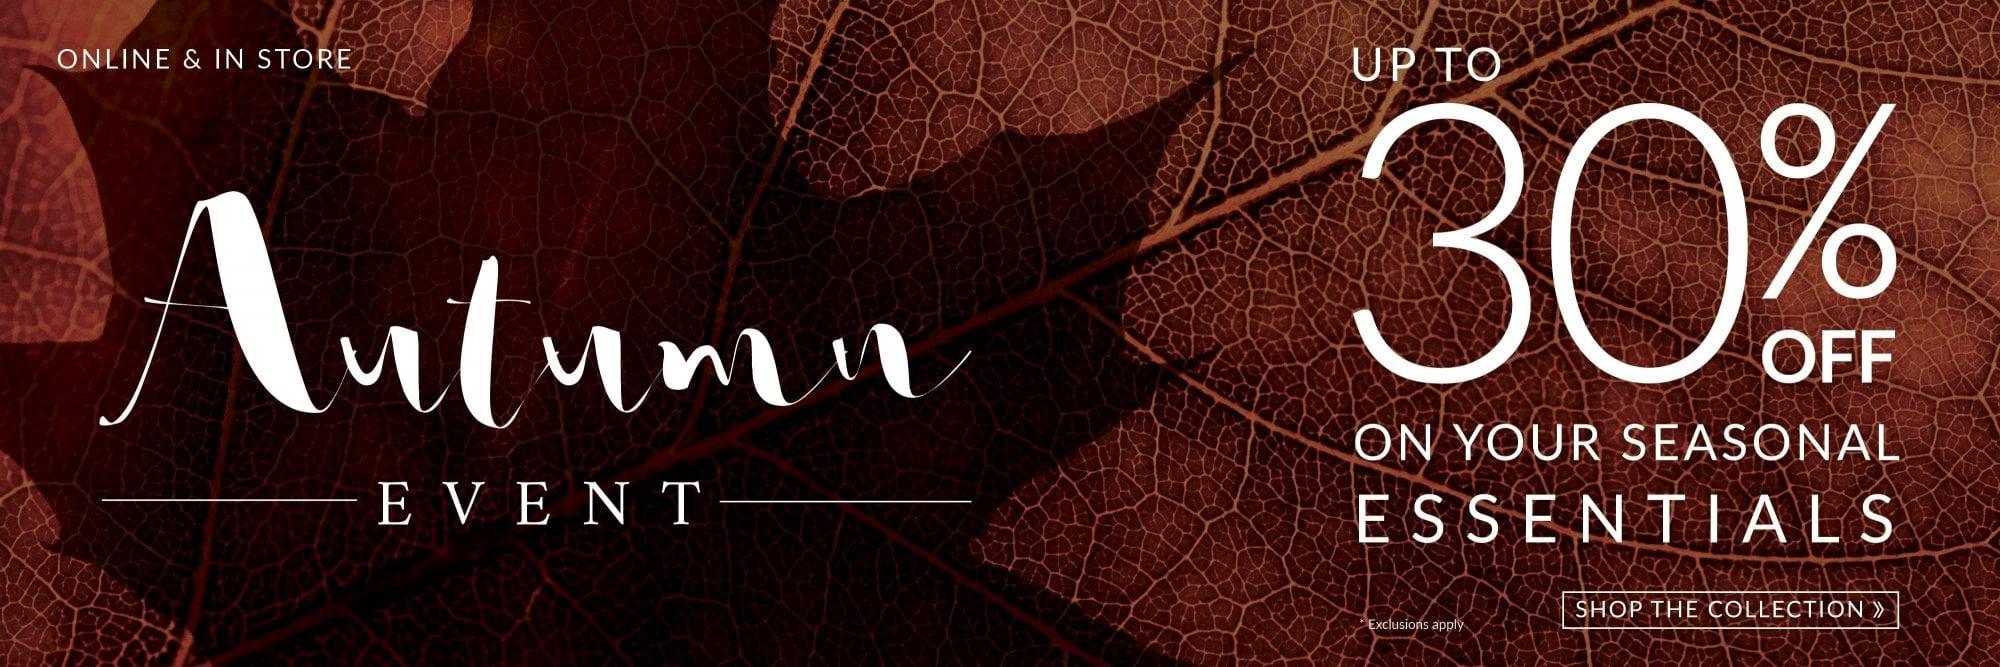 Autumn Event Promo